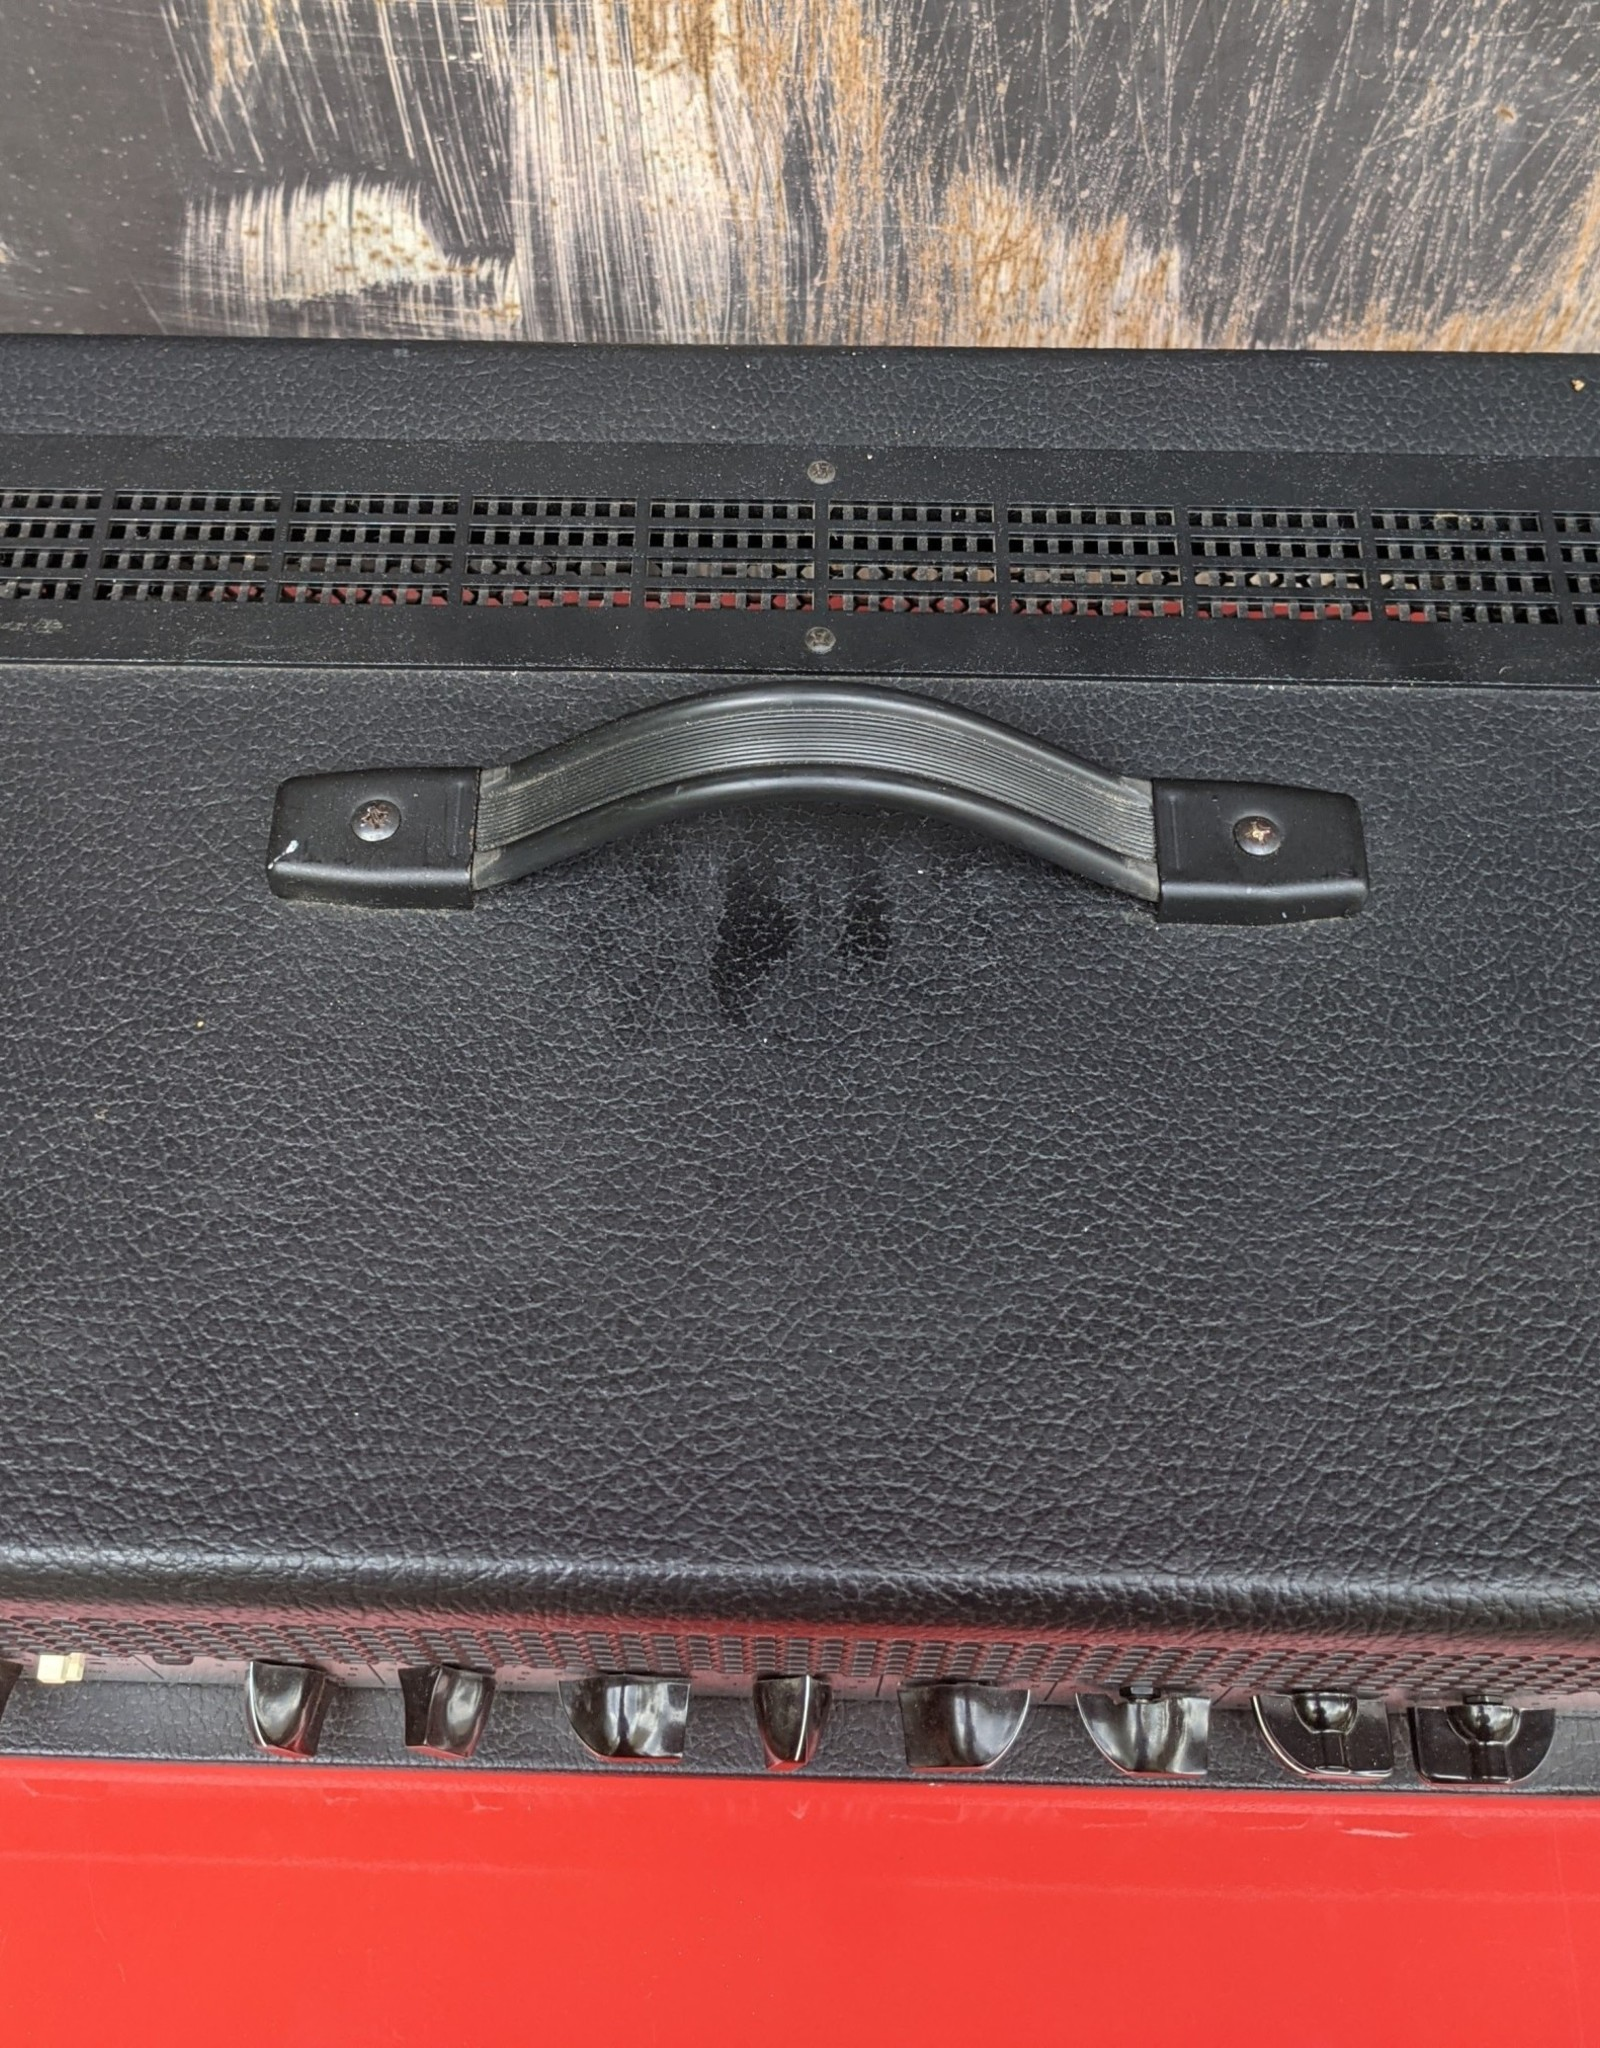 Peavey Peavey 5150 EVH Head, Block Letter, 1990s, Used